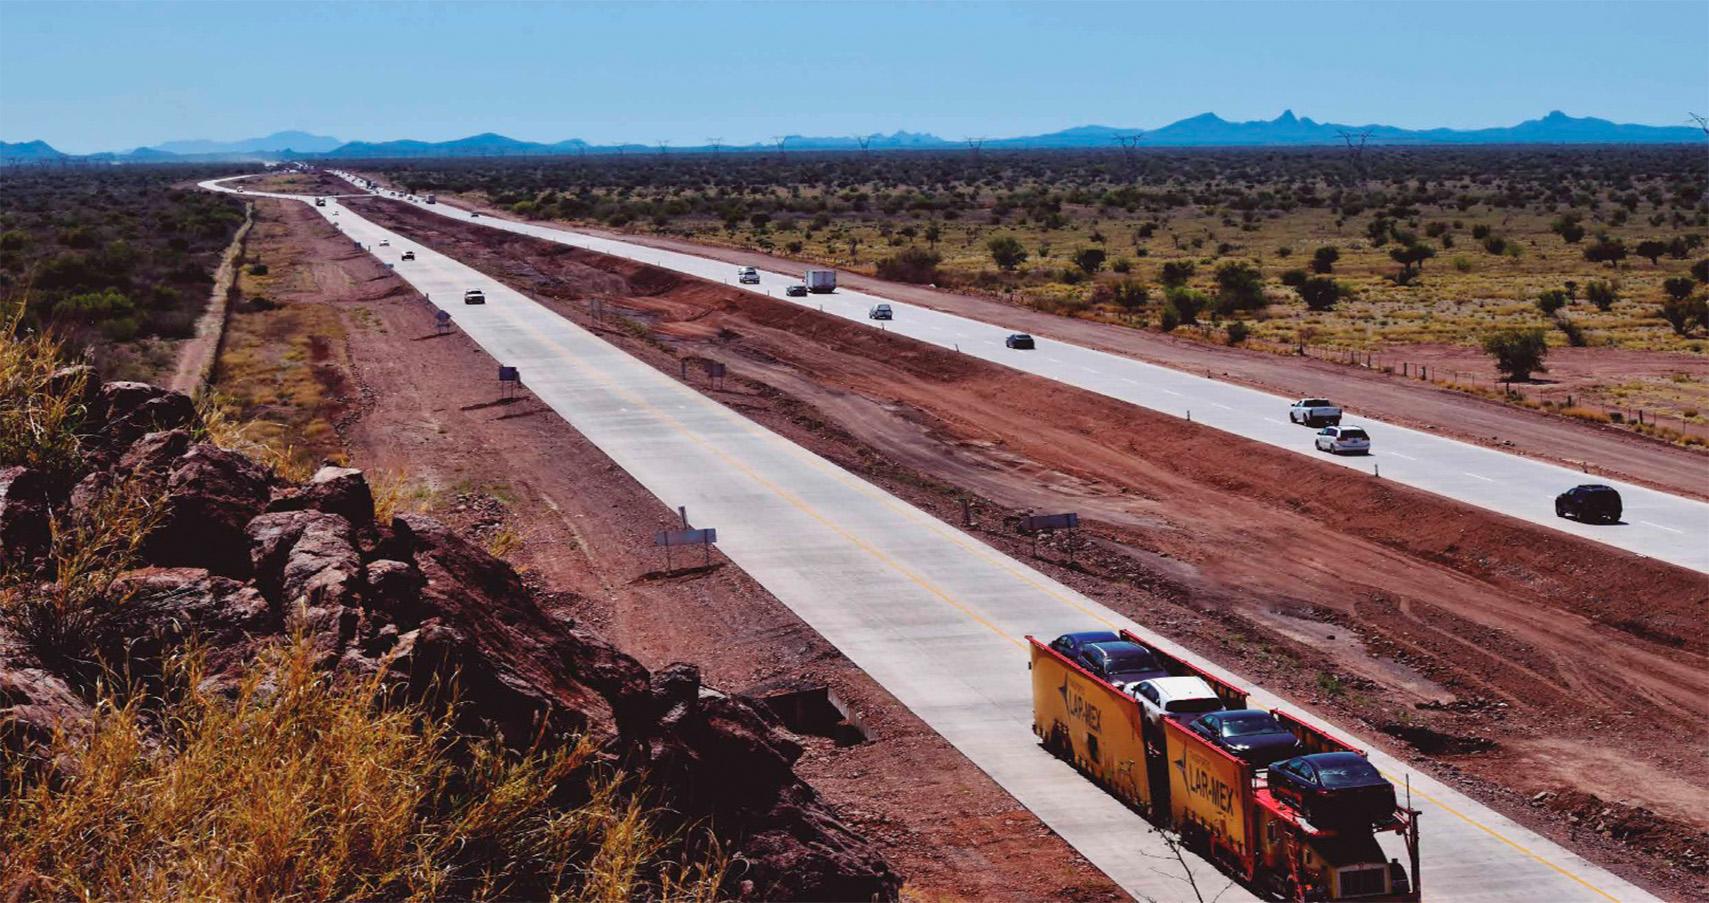 Concluyen en agosto los trabajos de modernización de la carretera Estación Don-Nogales